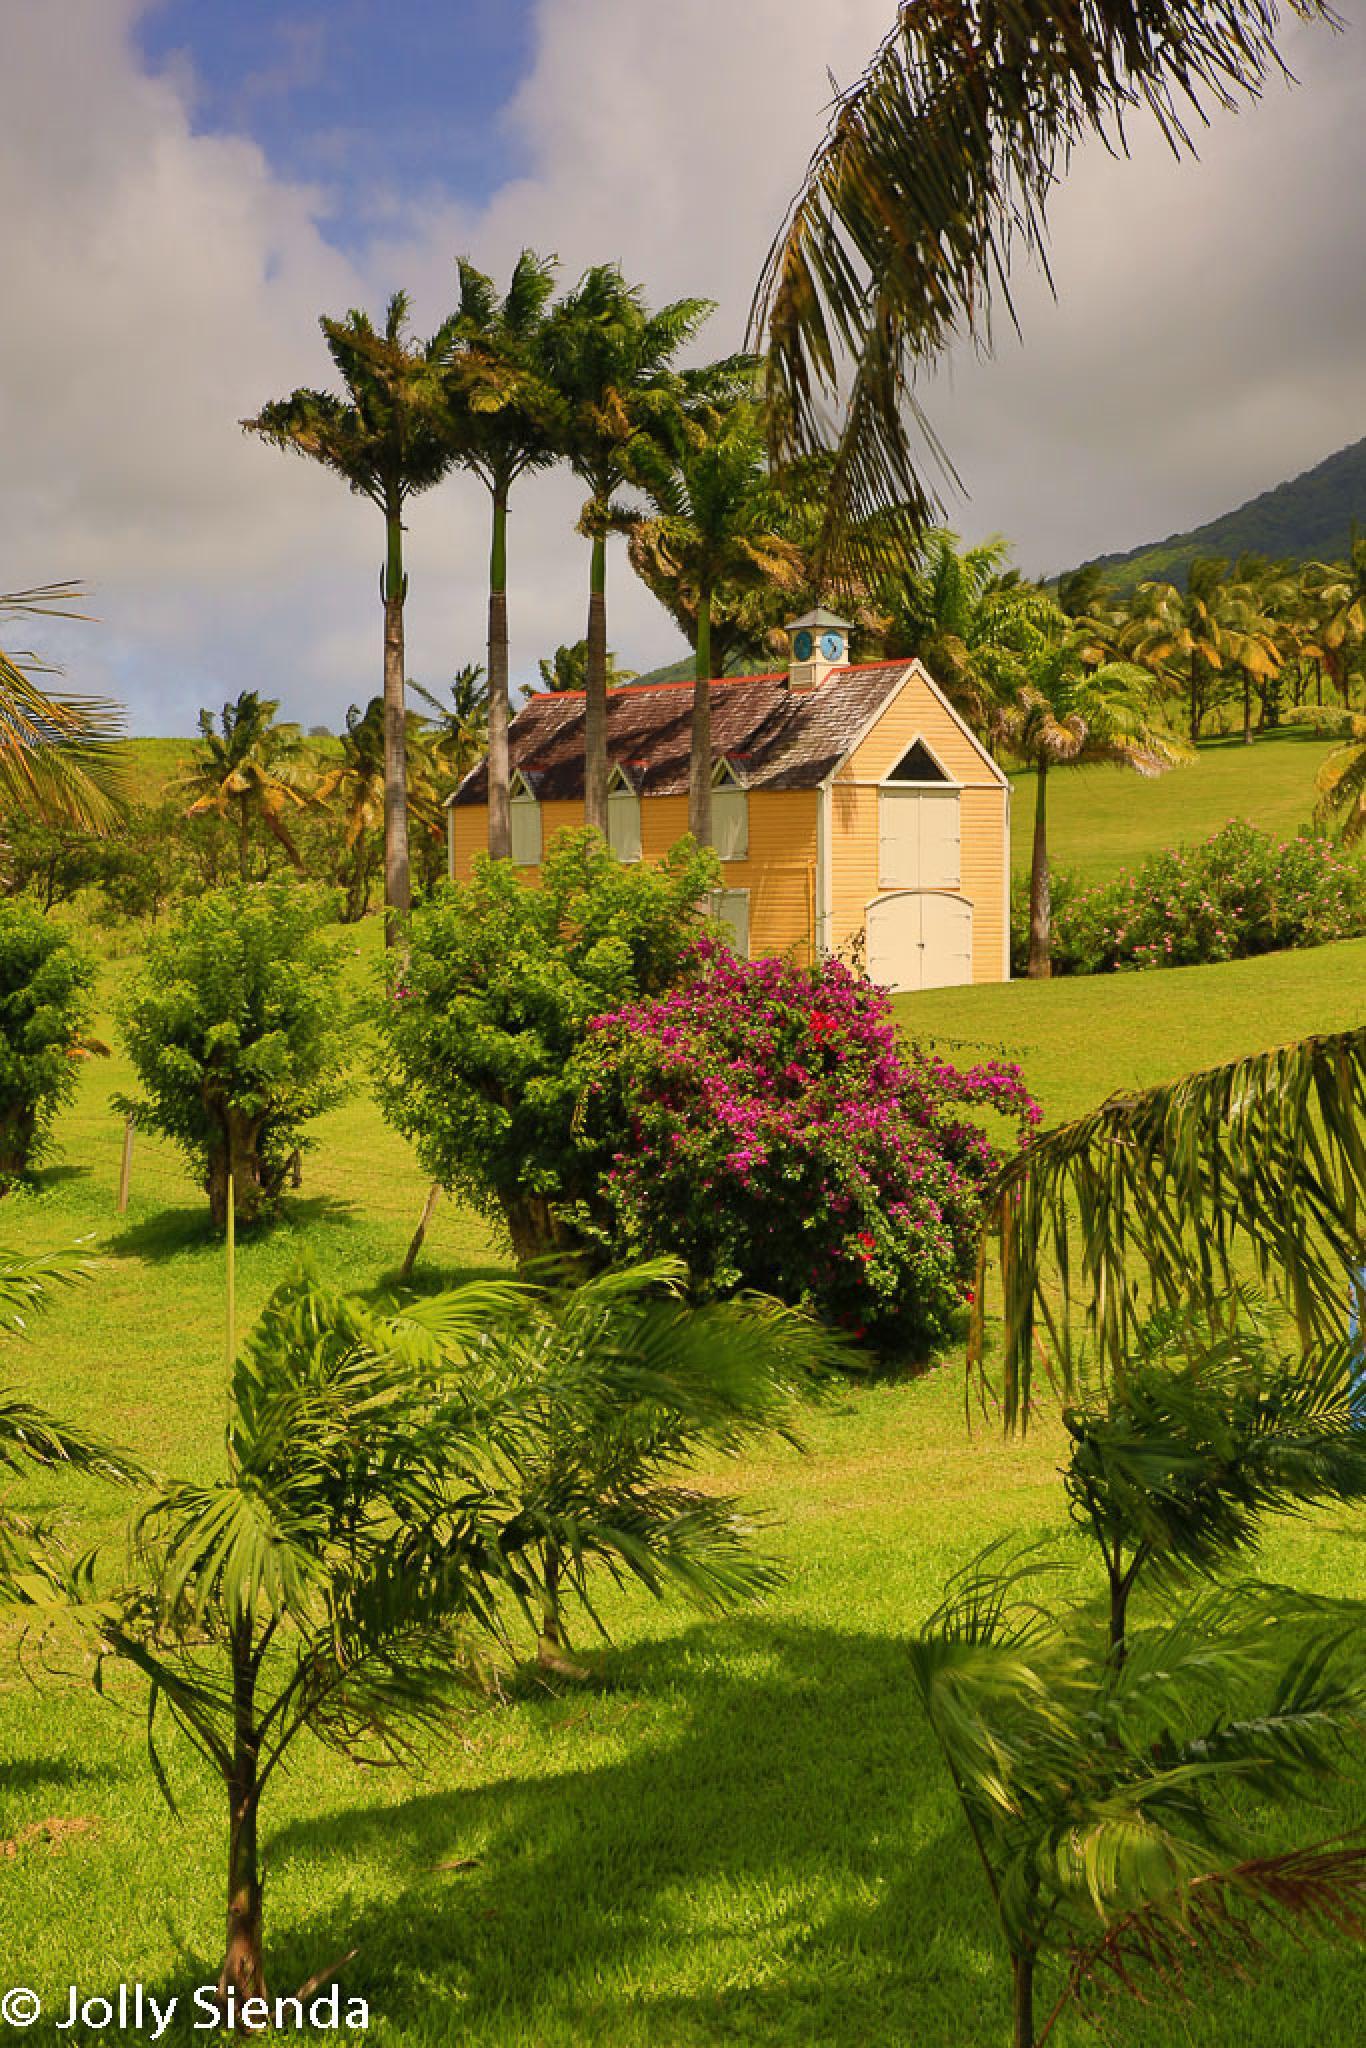 Yellow Barn in a Palm Field by Jolly Sienda